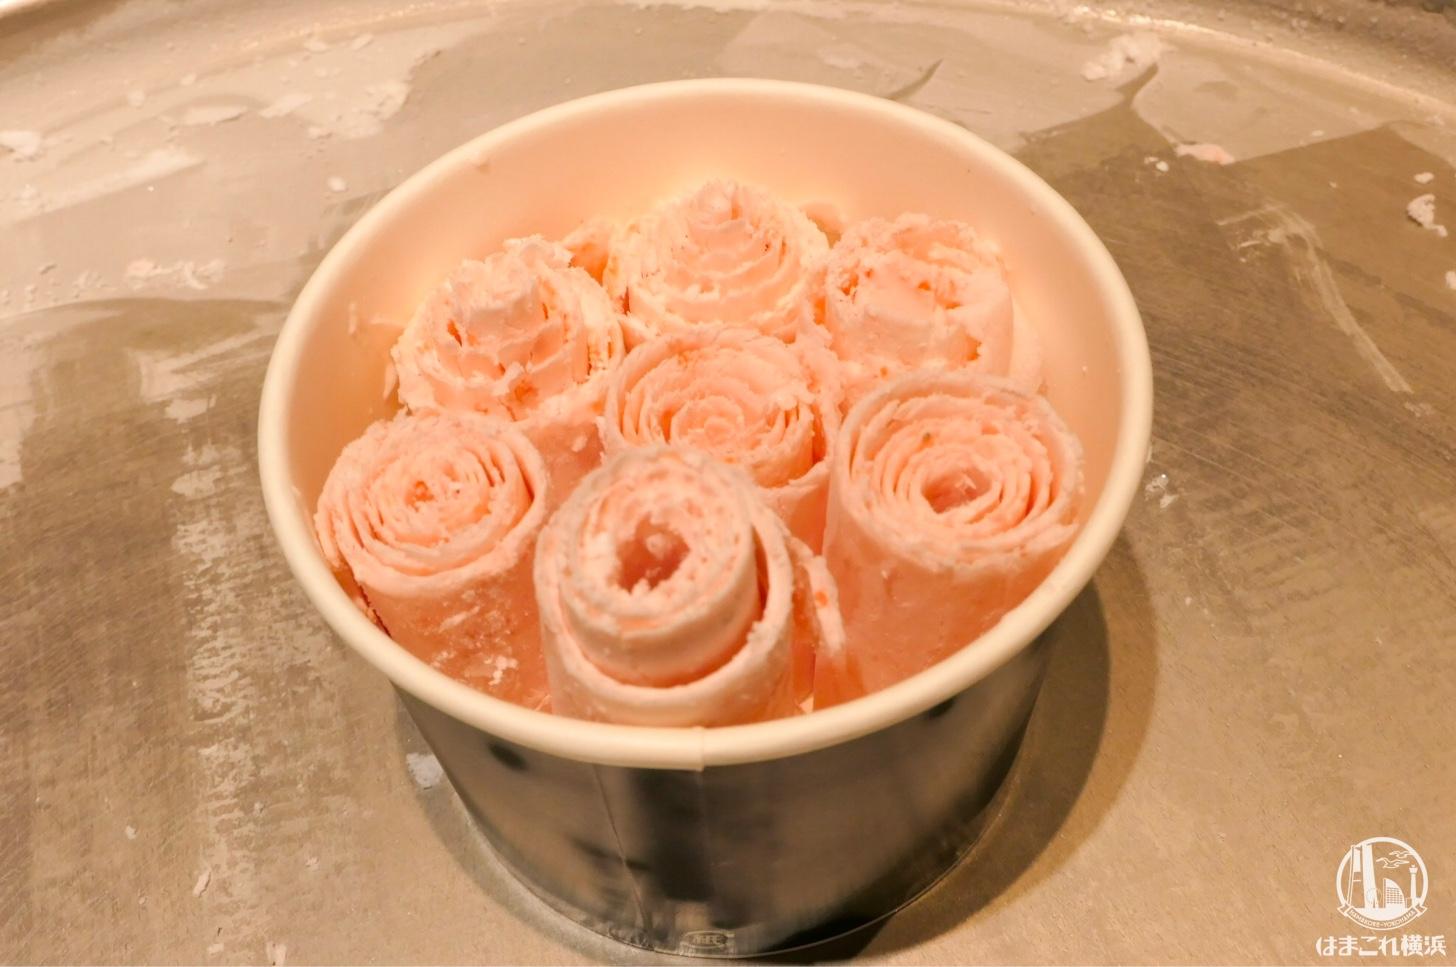 カップの中のロールアイスクリーム